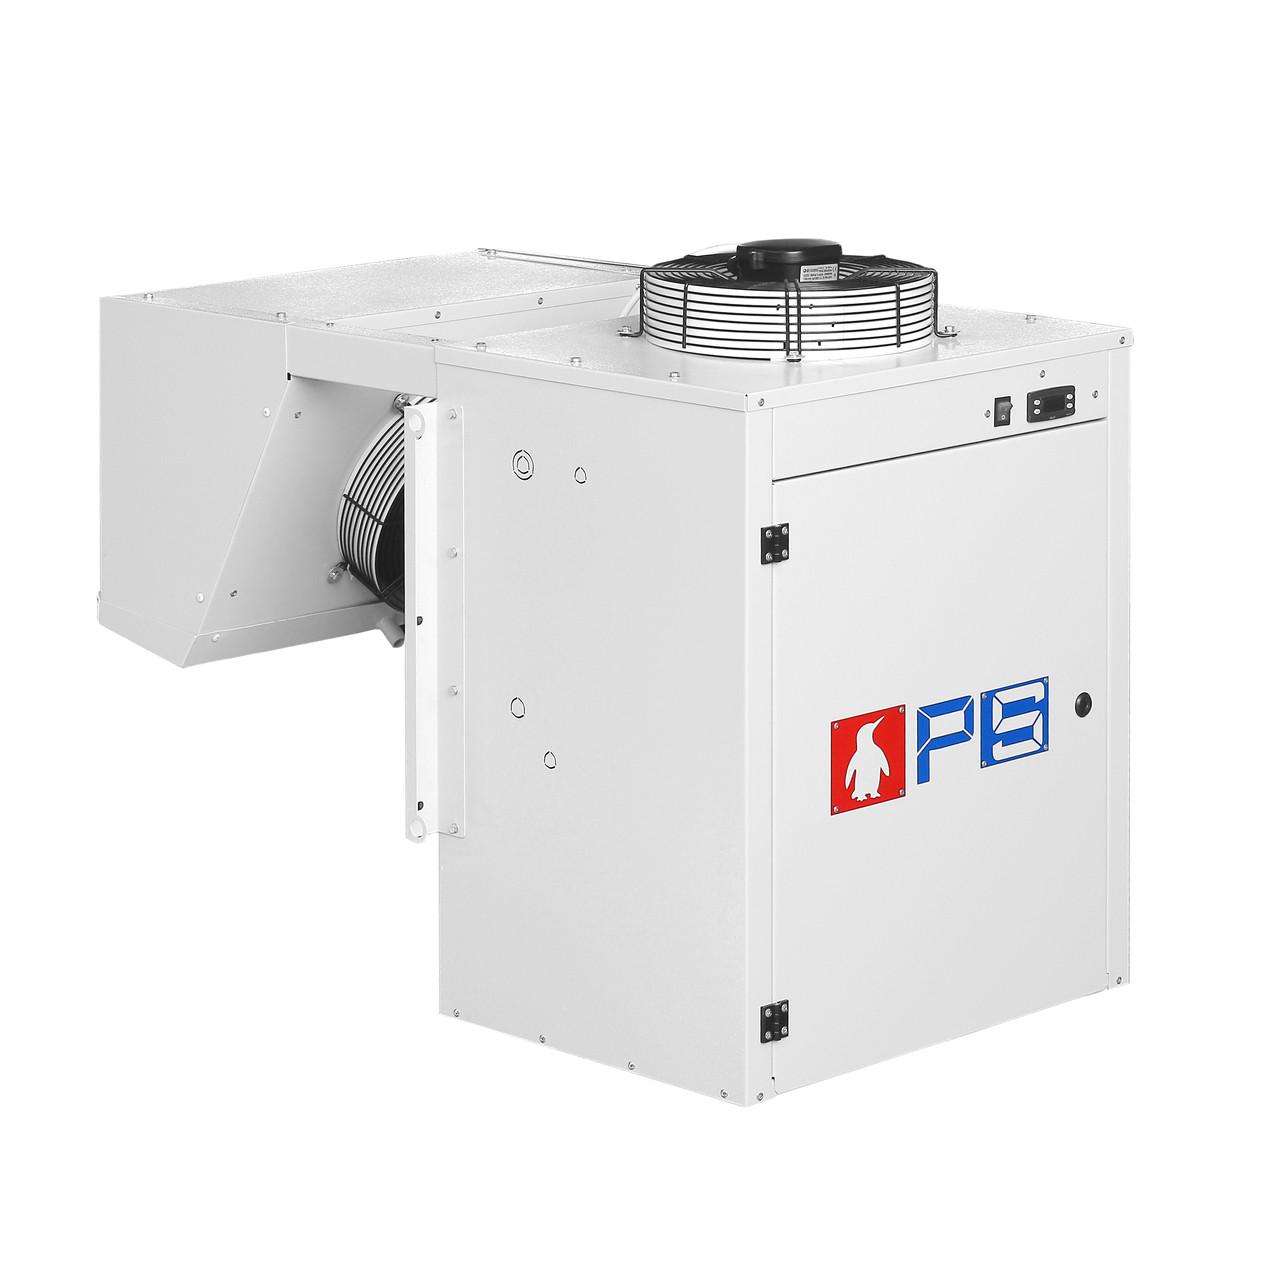 Моноблок низкотемпературный ПОЛЮС-САР 7-21м³ BGM 220 F